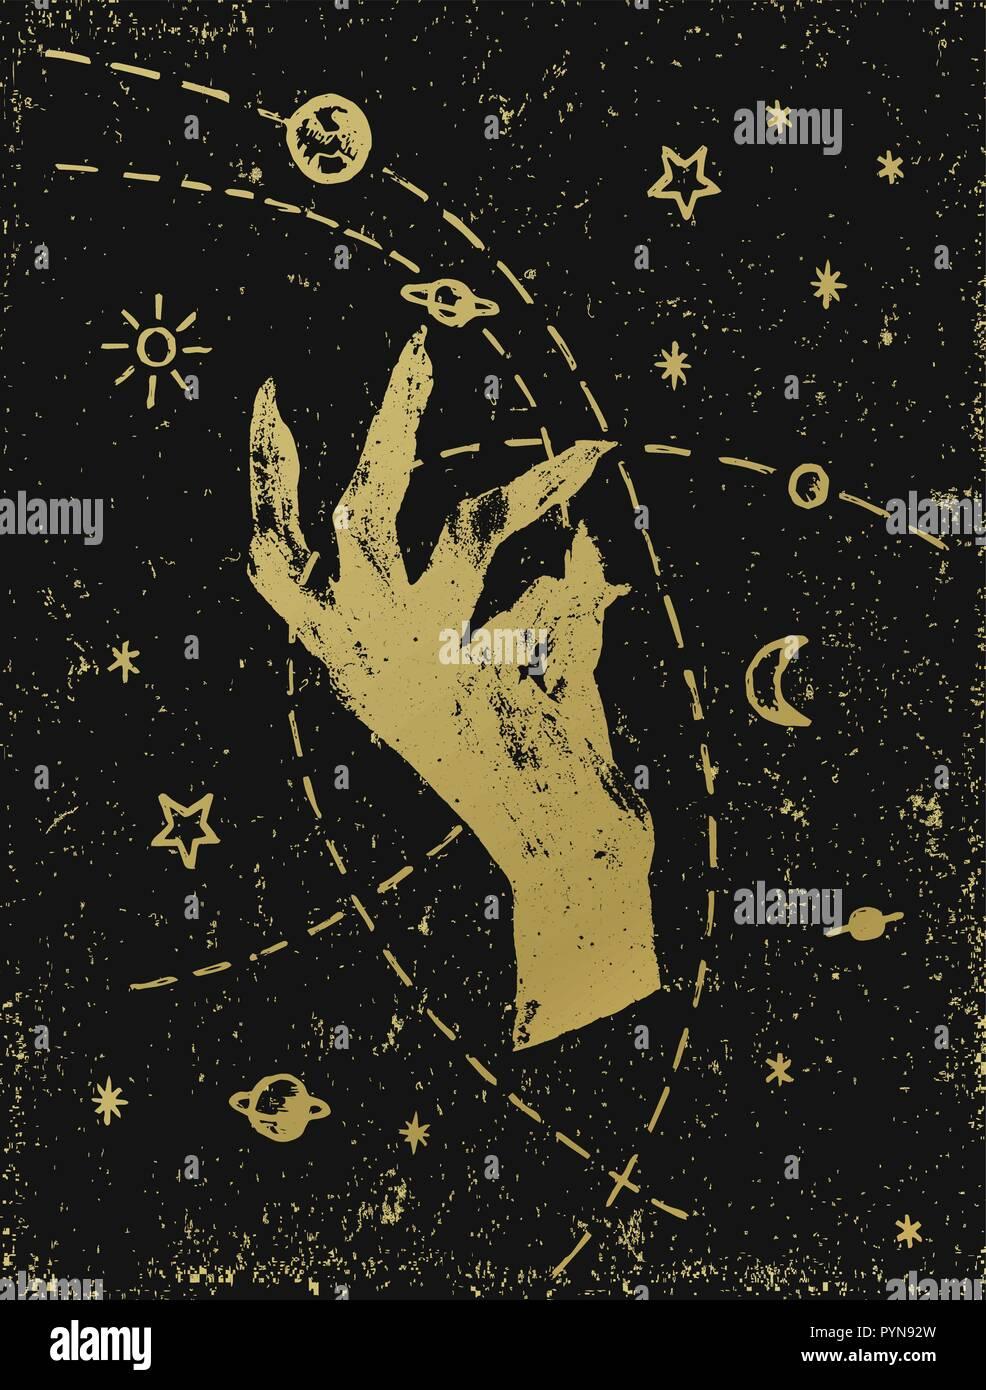 La main de la sorcière avec cosmos symbolique illustration, or sur fond texturé noir. Autocollant, tatouage, patch ou poster print design. Illustration de Vecteur